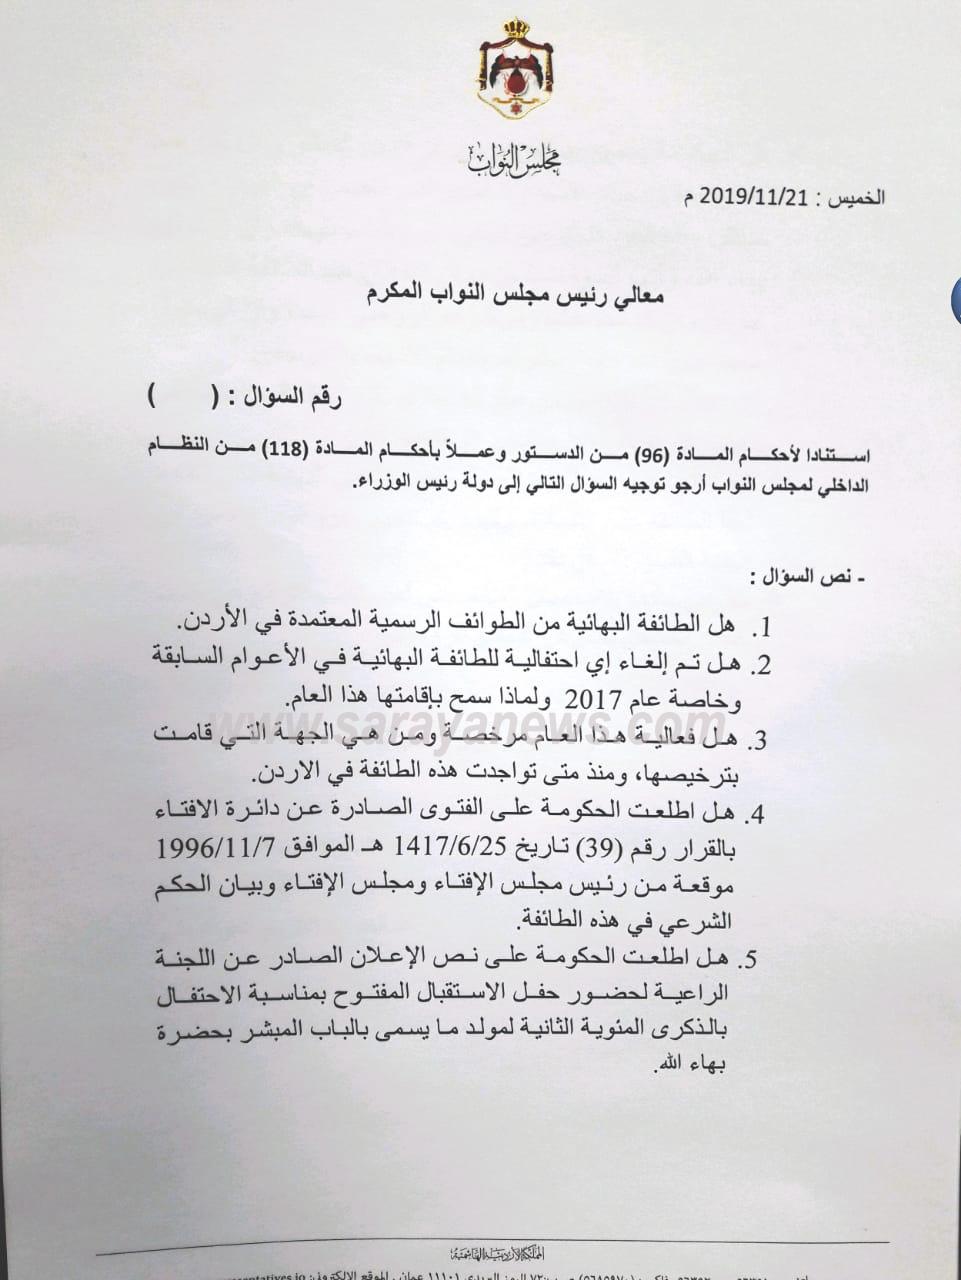 وثيقة : العرموطي للرزاز : لماذا سمحتم باقامة احتفالية الطائفة البهائية وما هي قصة مركزهم الروحاني بجبل عمان